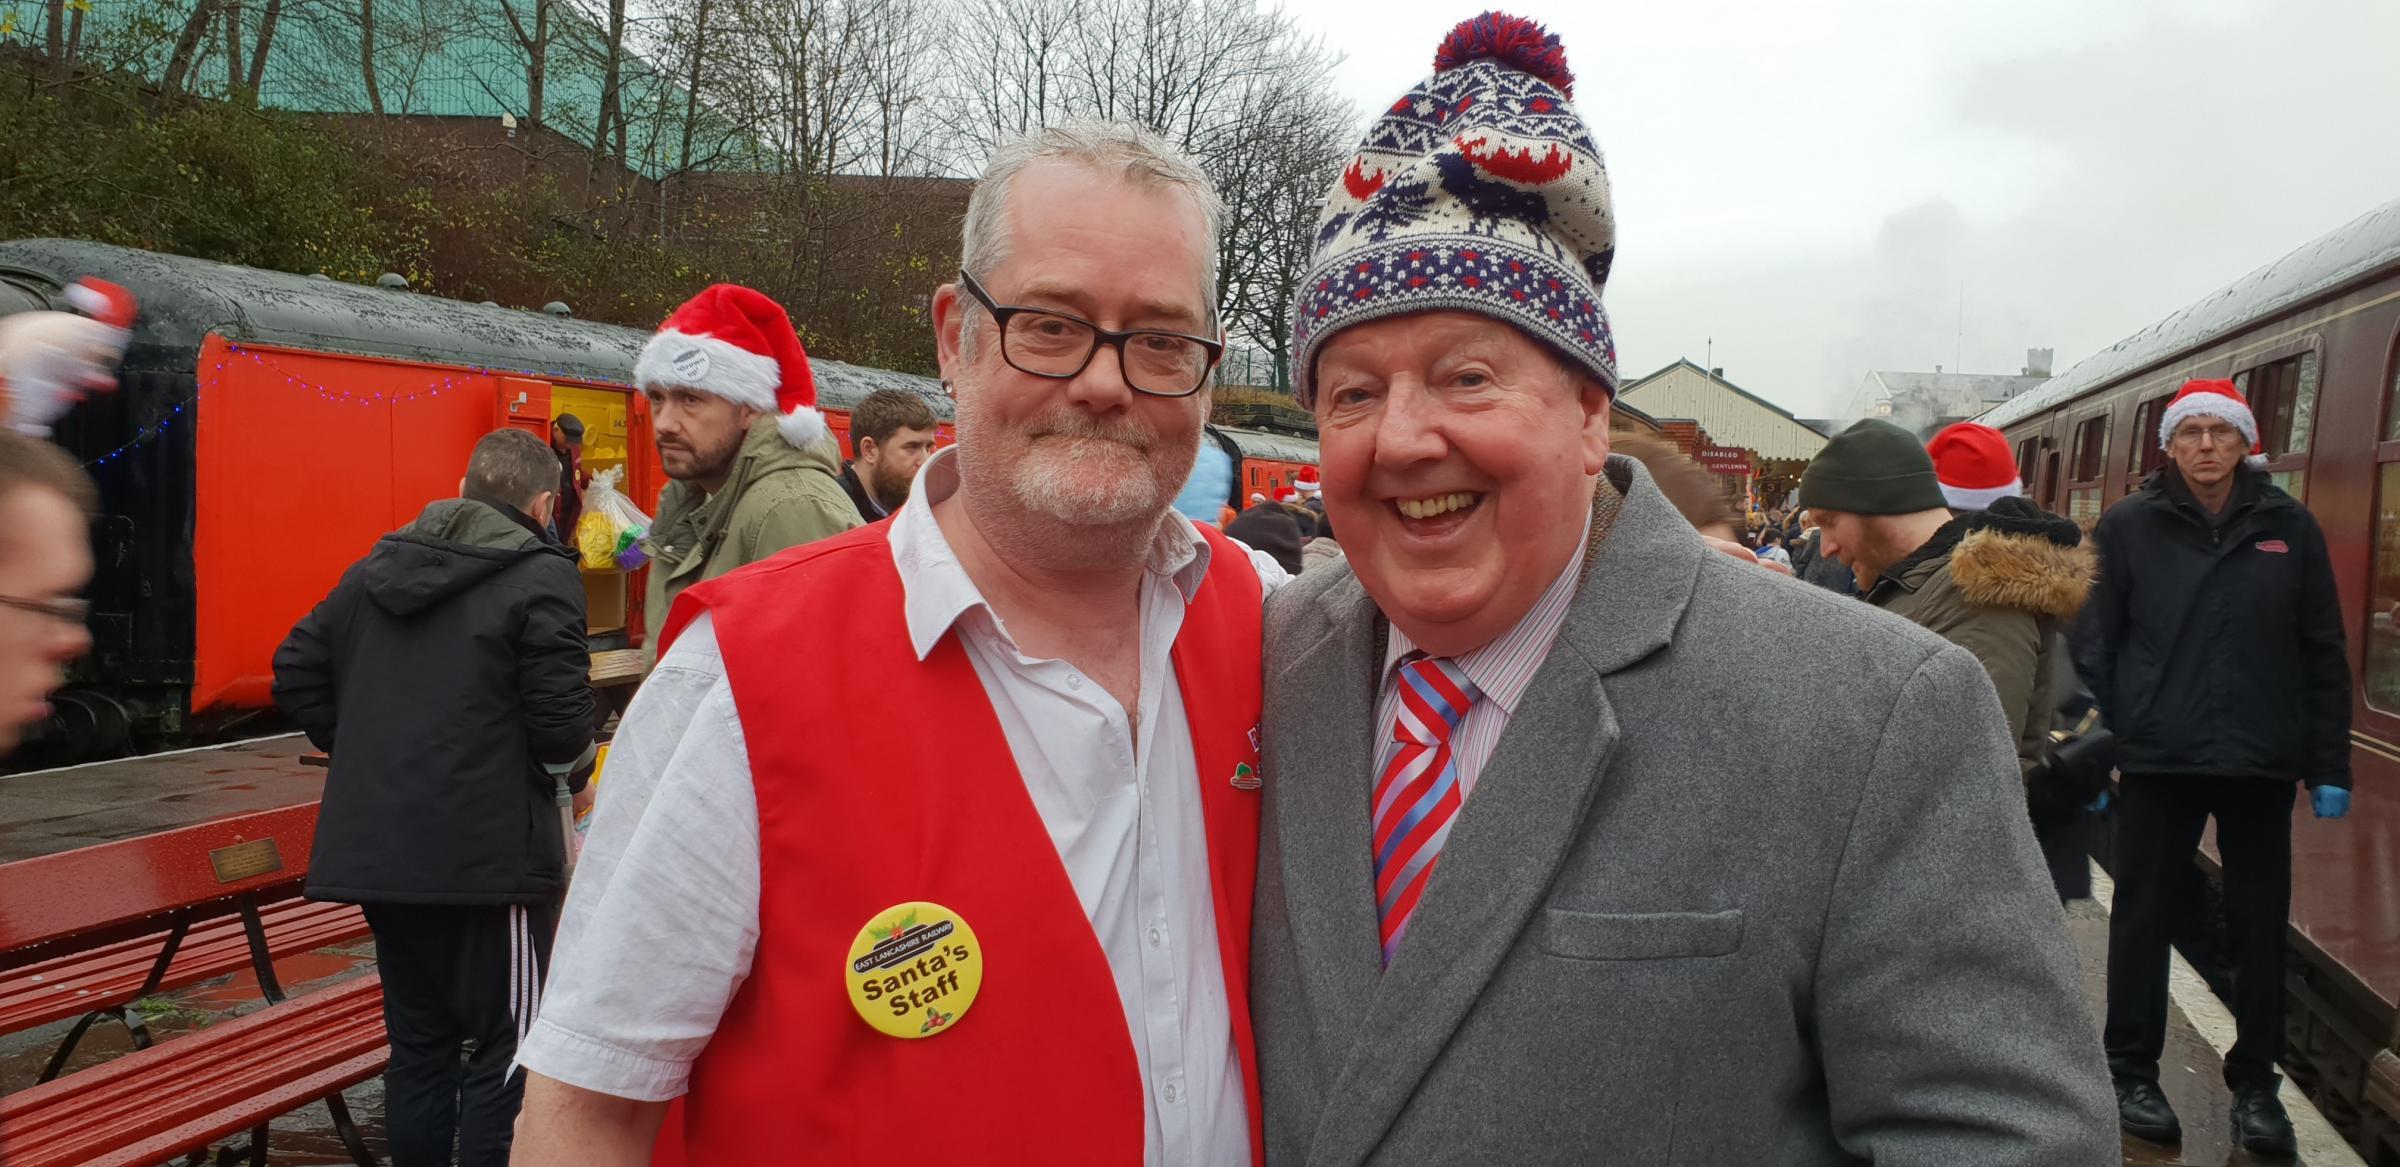 Lancashire Telegraph: Peter Floyd and Ken Dodd